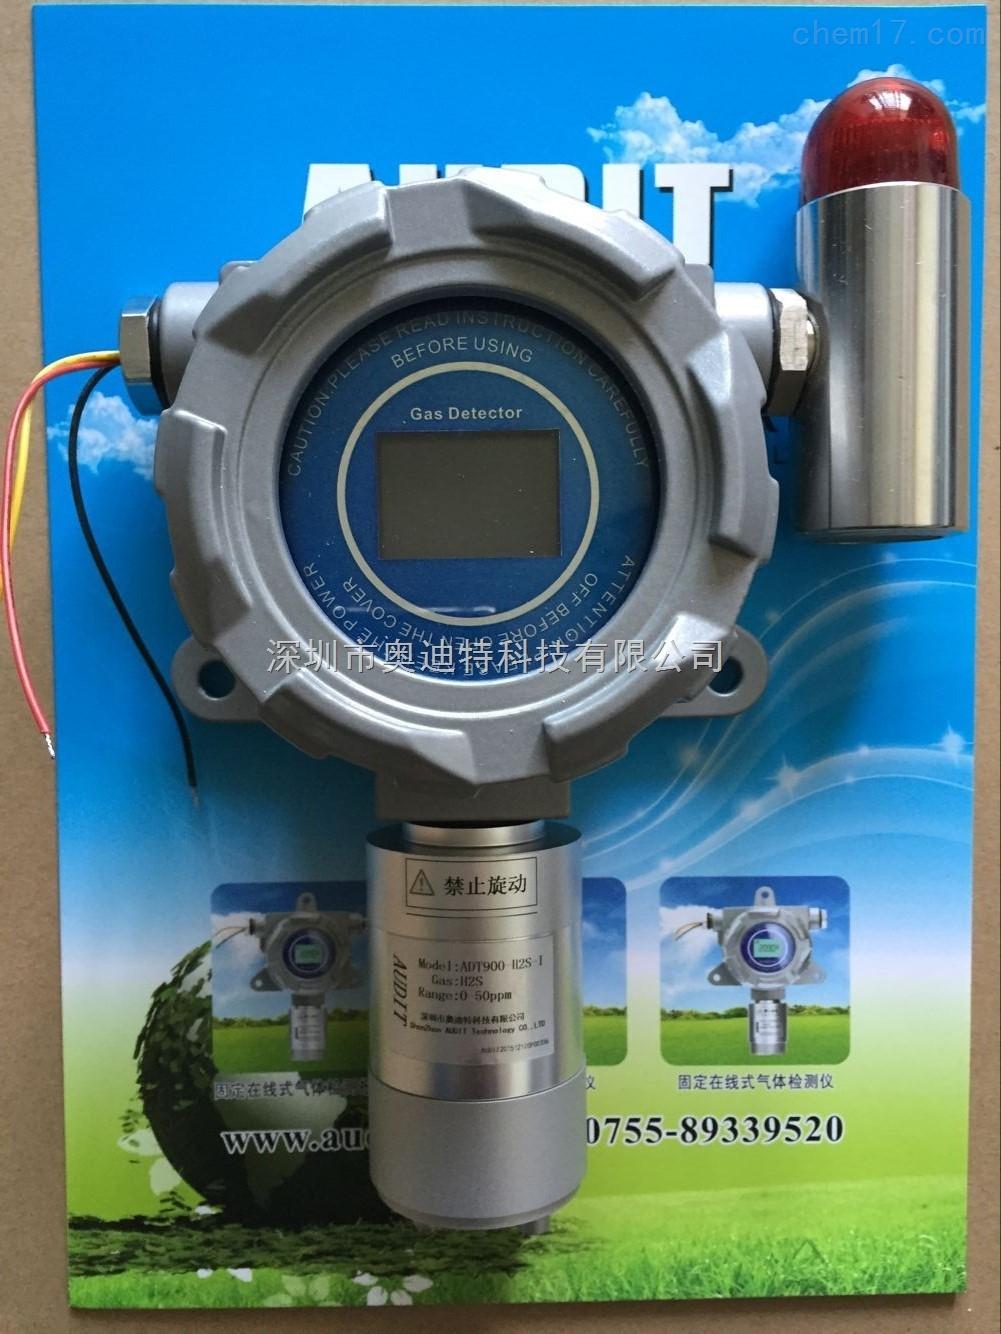 二氧化碳泄露浓度检测报警器